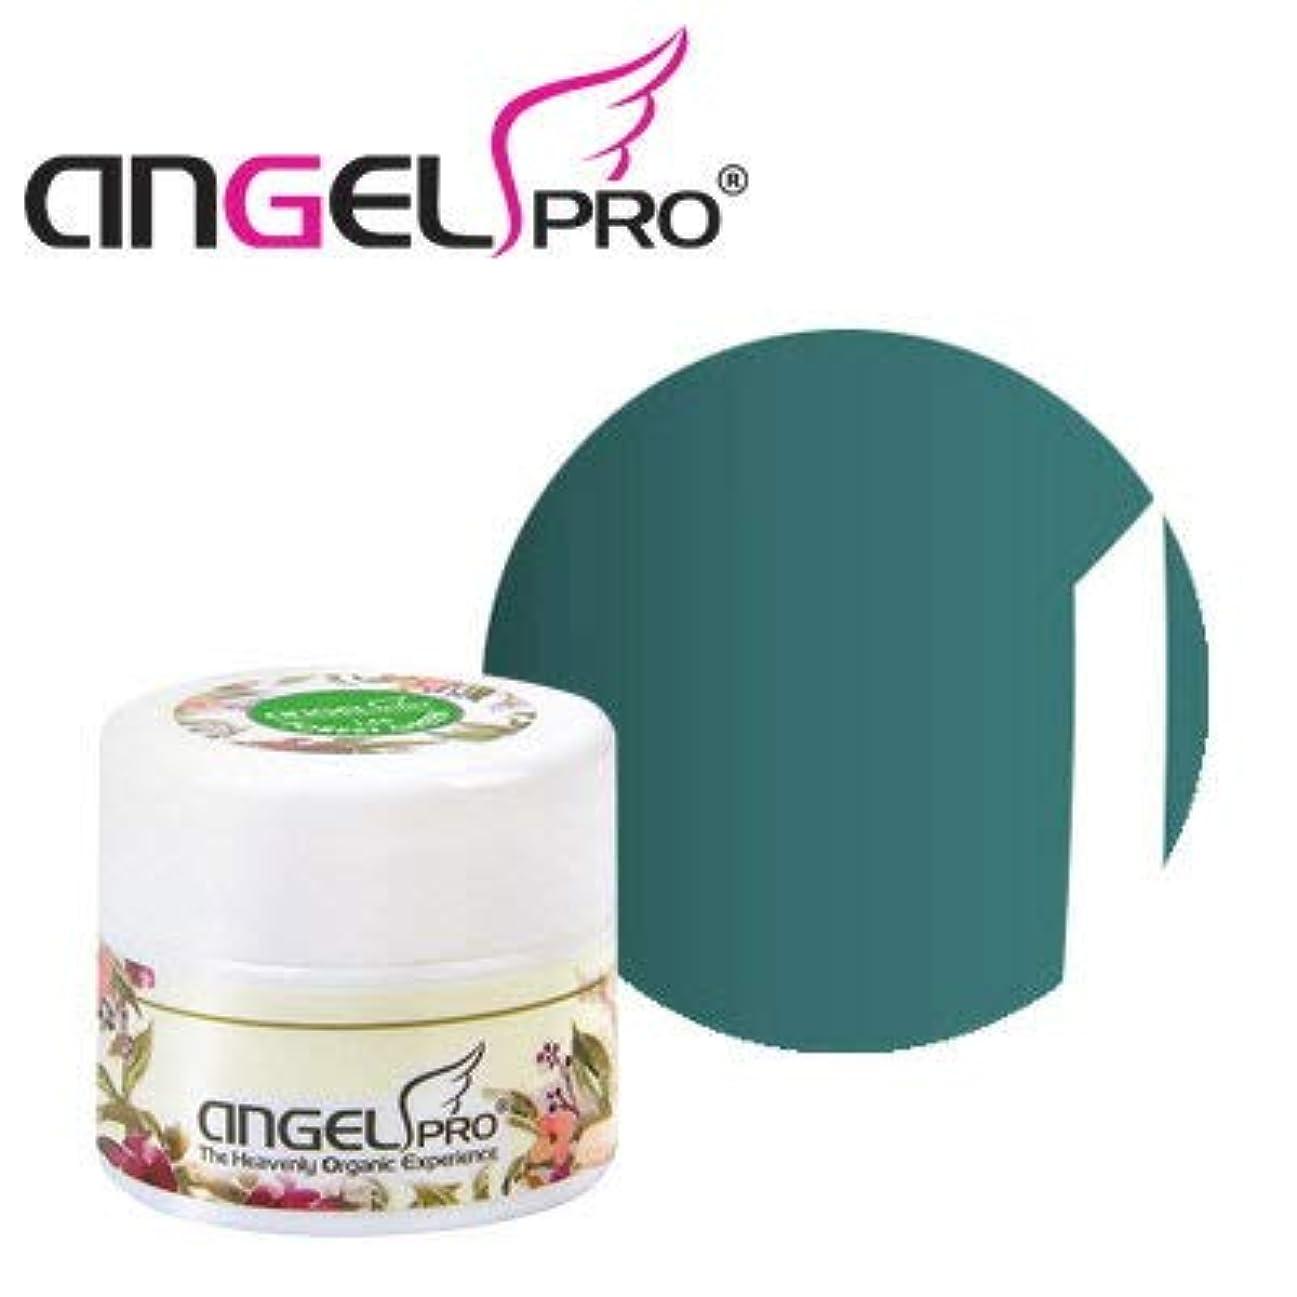 必要条件画像染料ANGEL PRO ポットジェリー #36 TEAL 4g